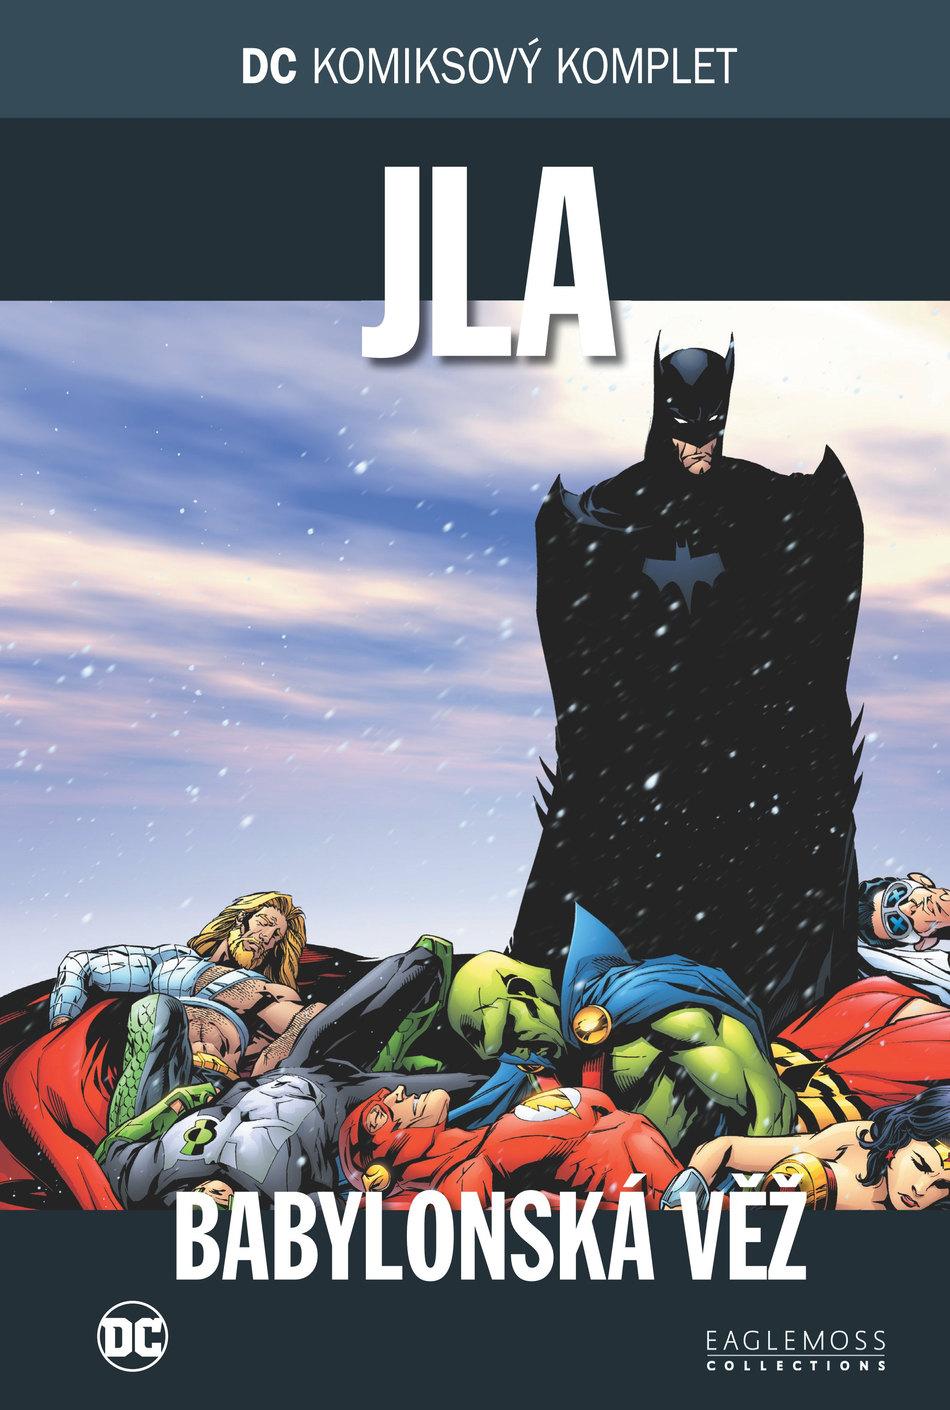 408e5b1ae7d DC komiksový komplet  011  JLA  Babylonská věž